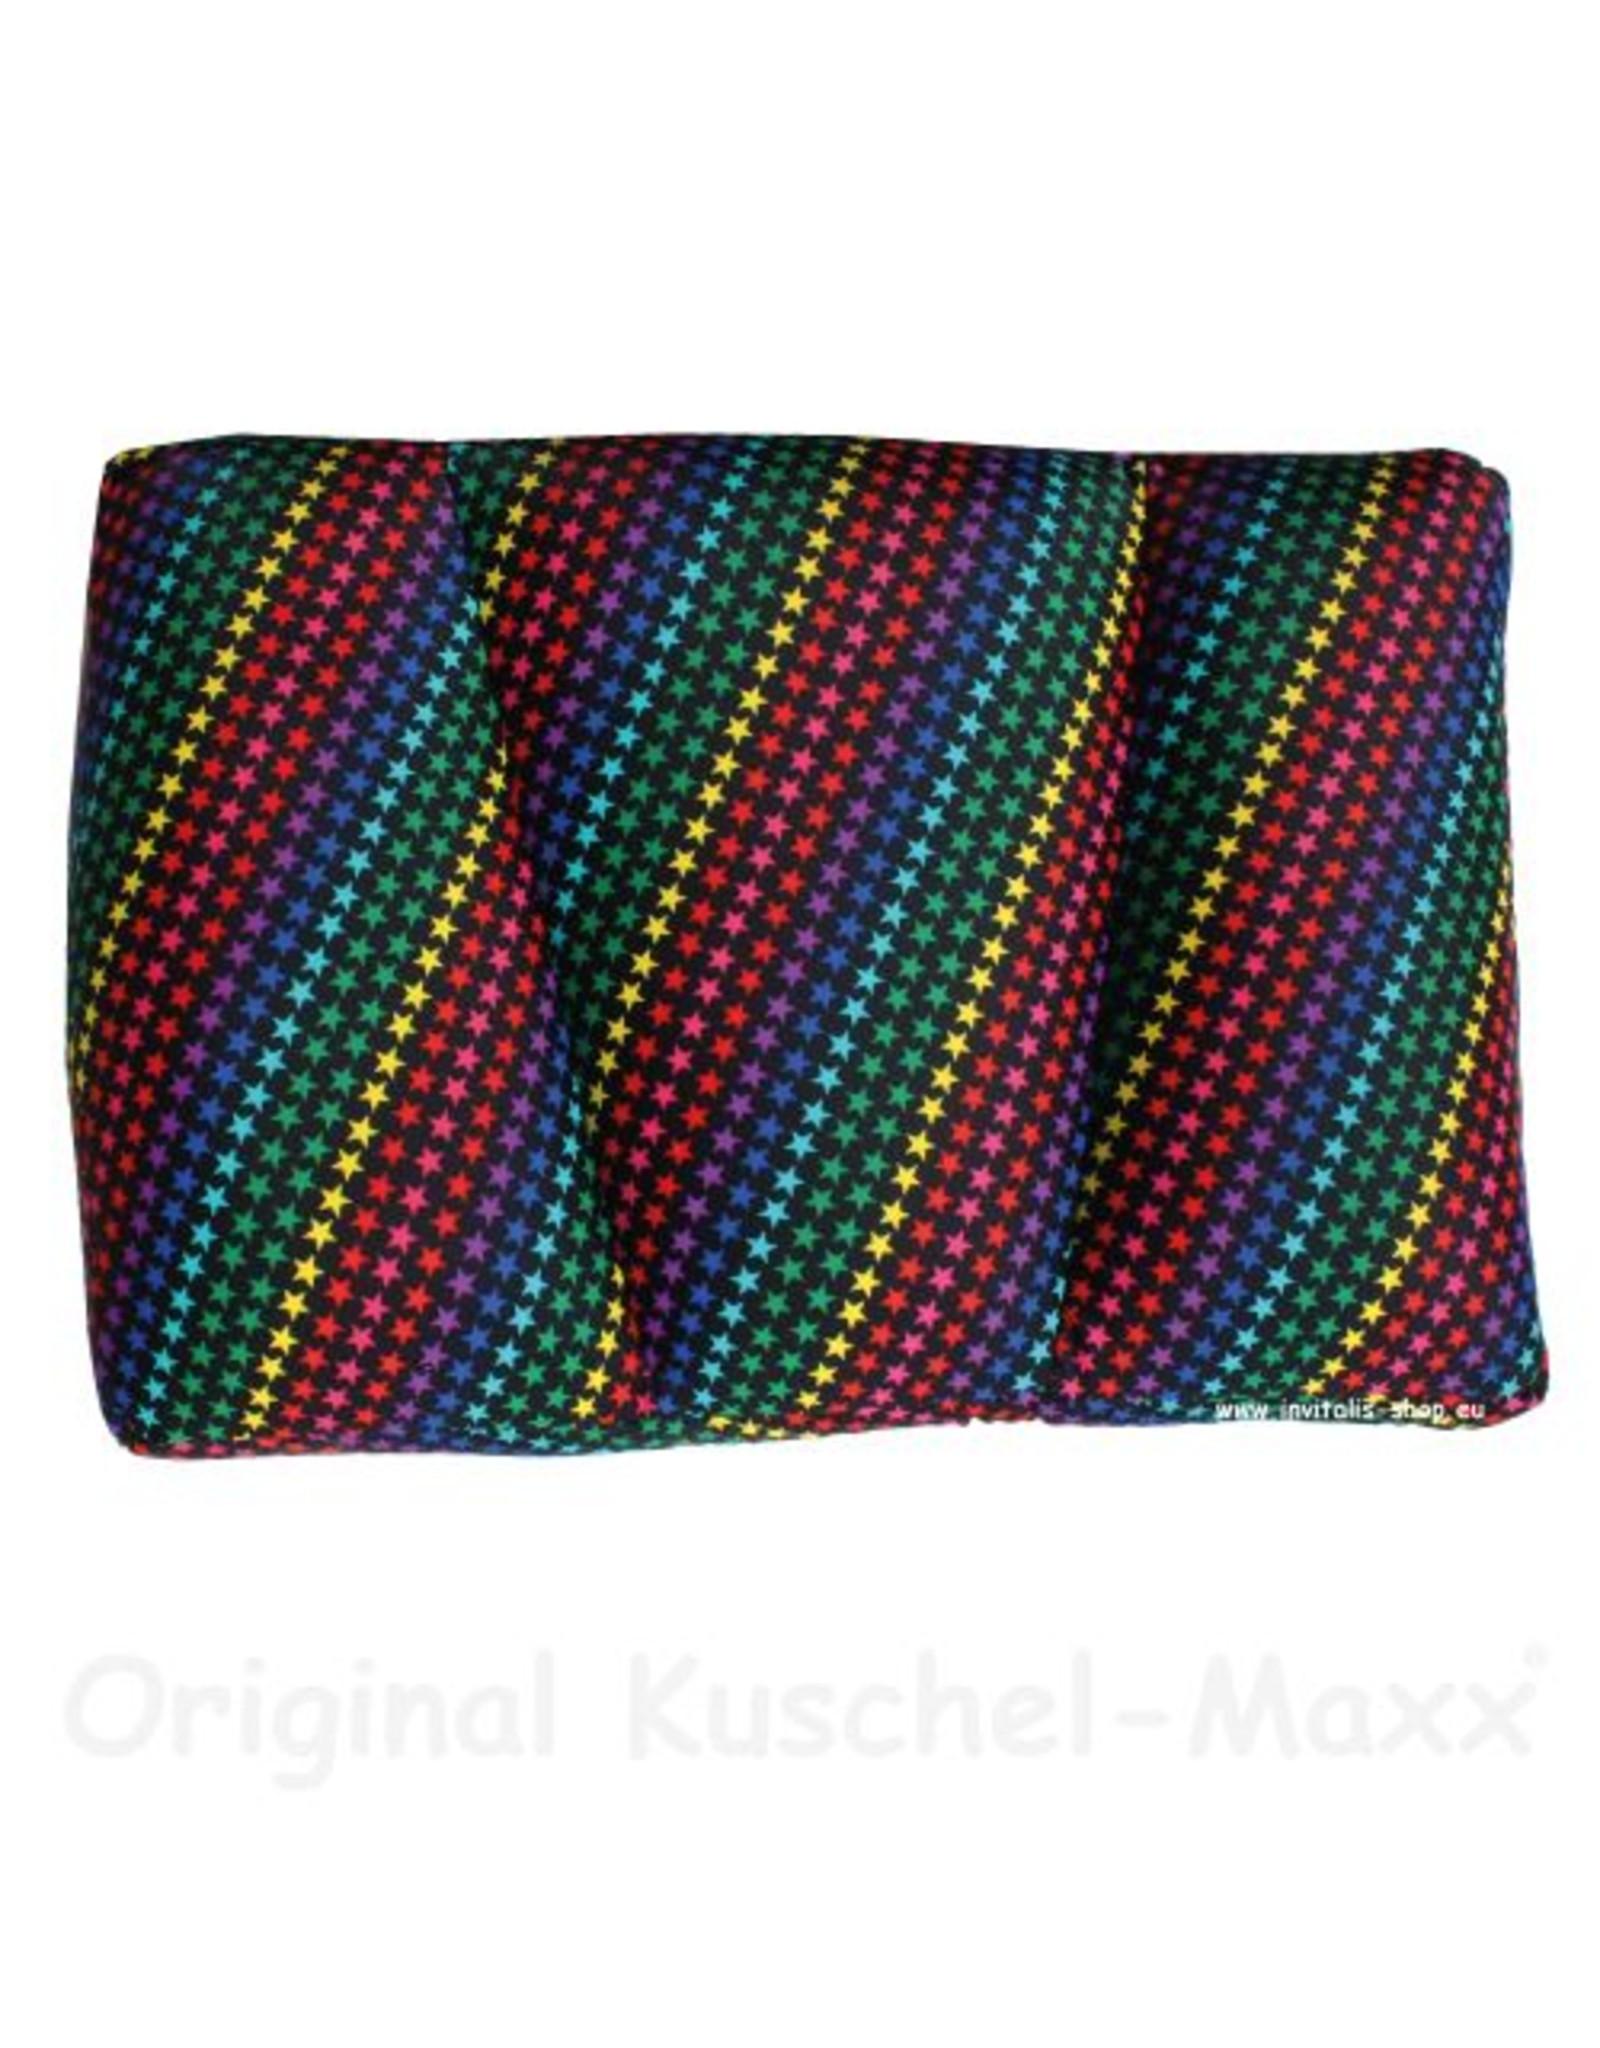 Kuschel-Maxx Kuschel-Maxx - Sleeppillow Stars